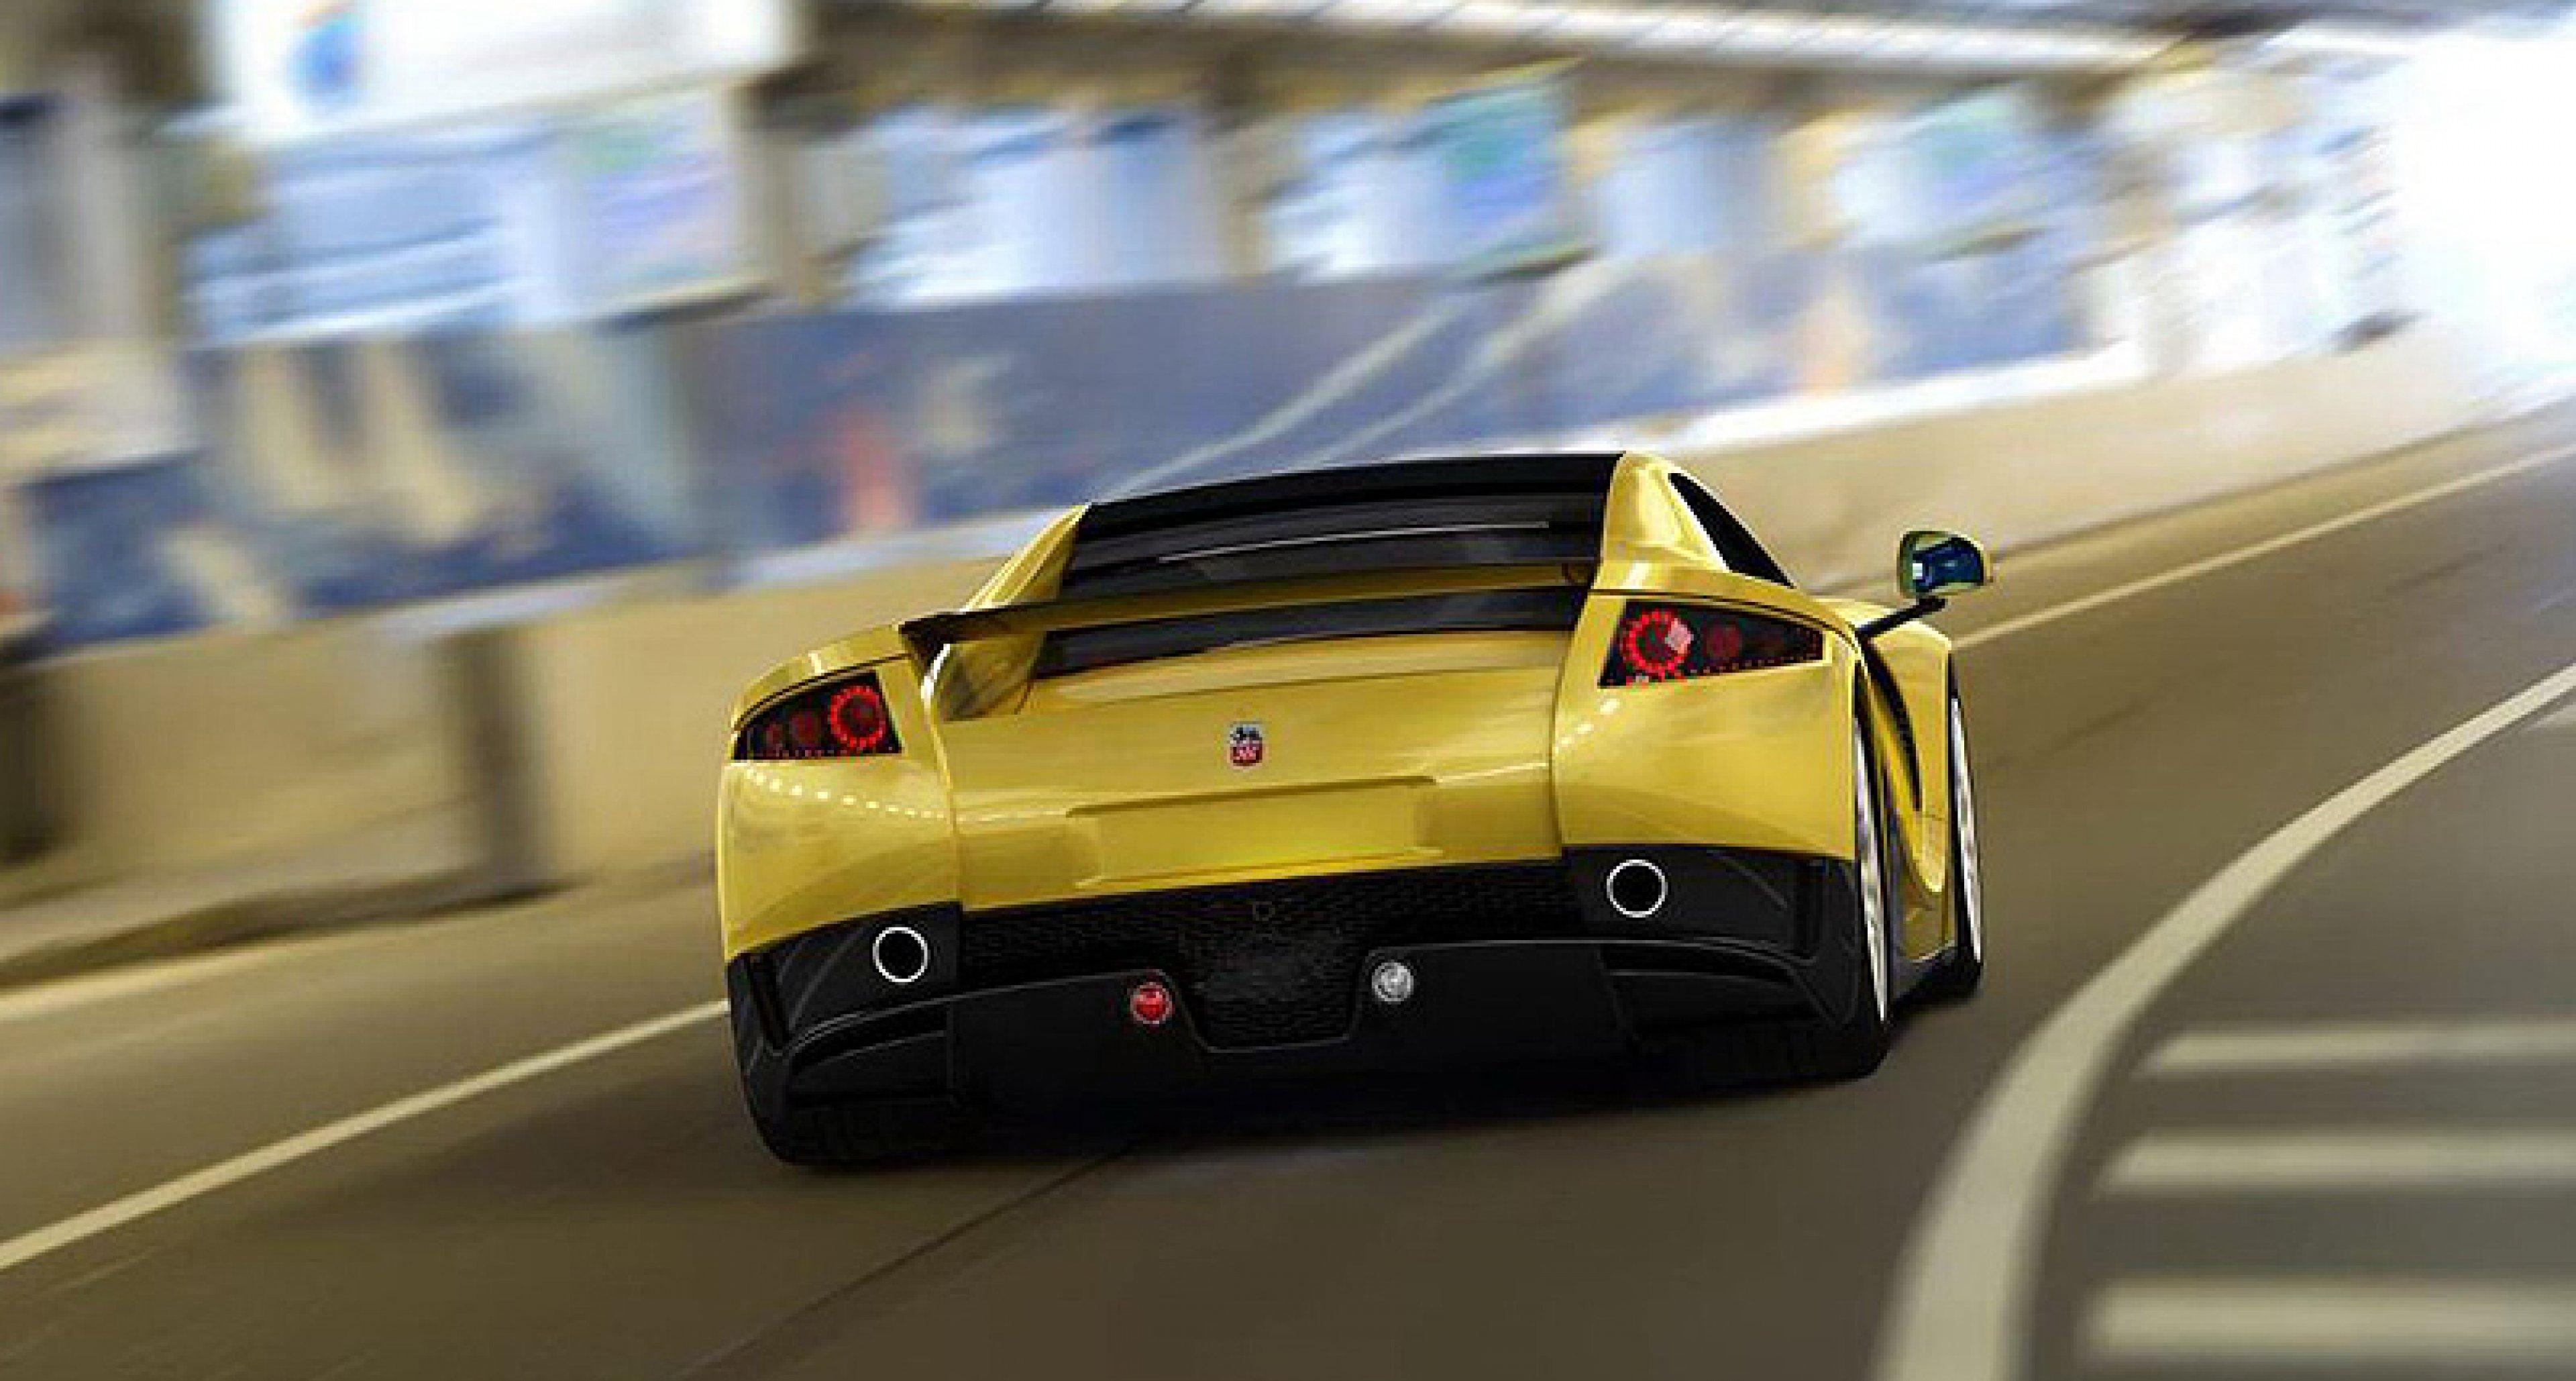 GTA Spano: Spanish Fly!